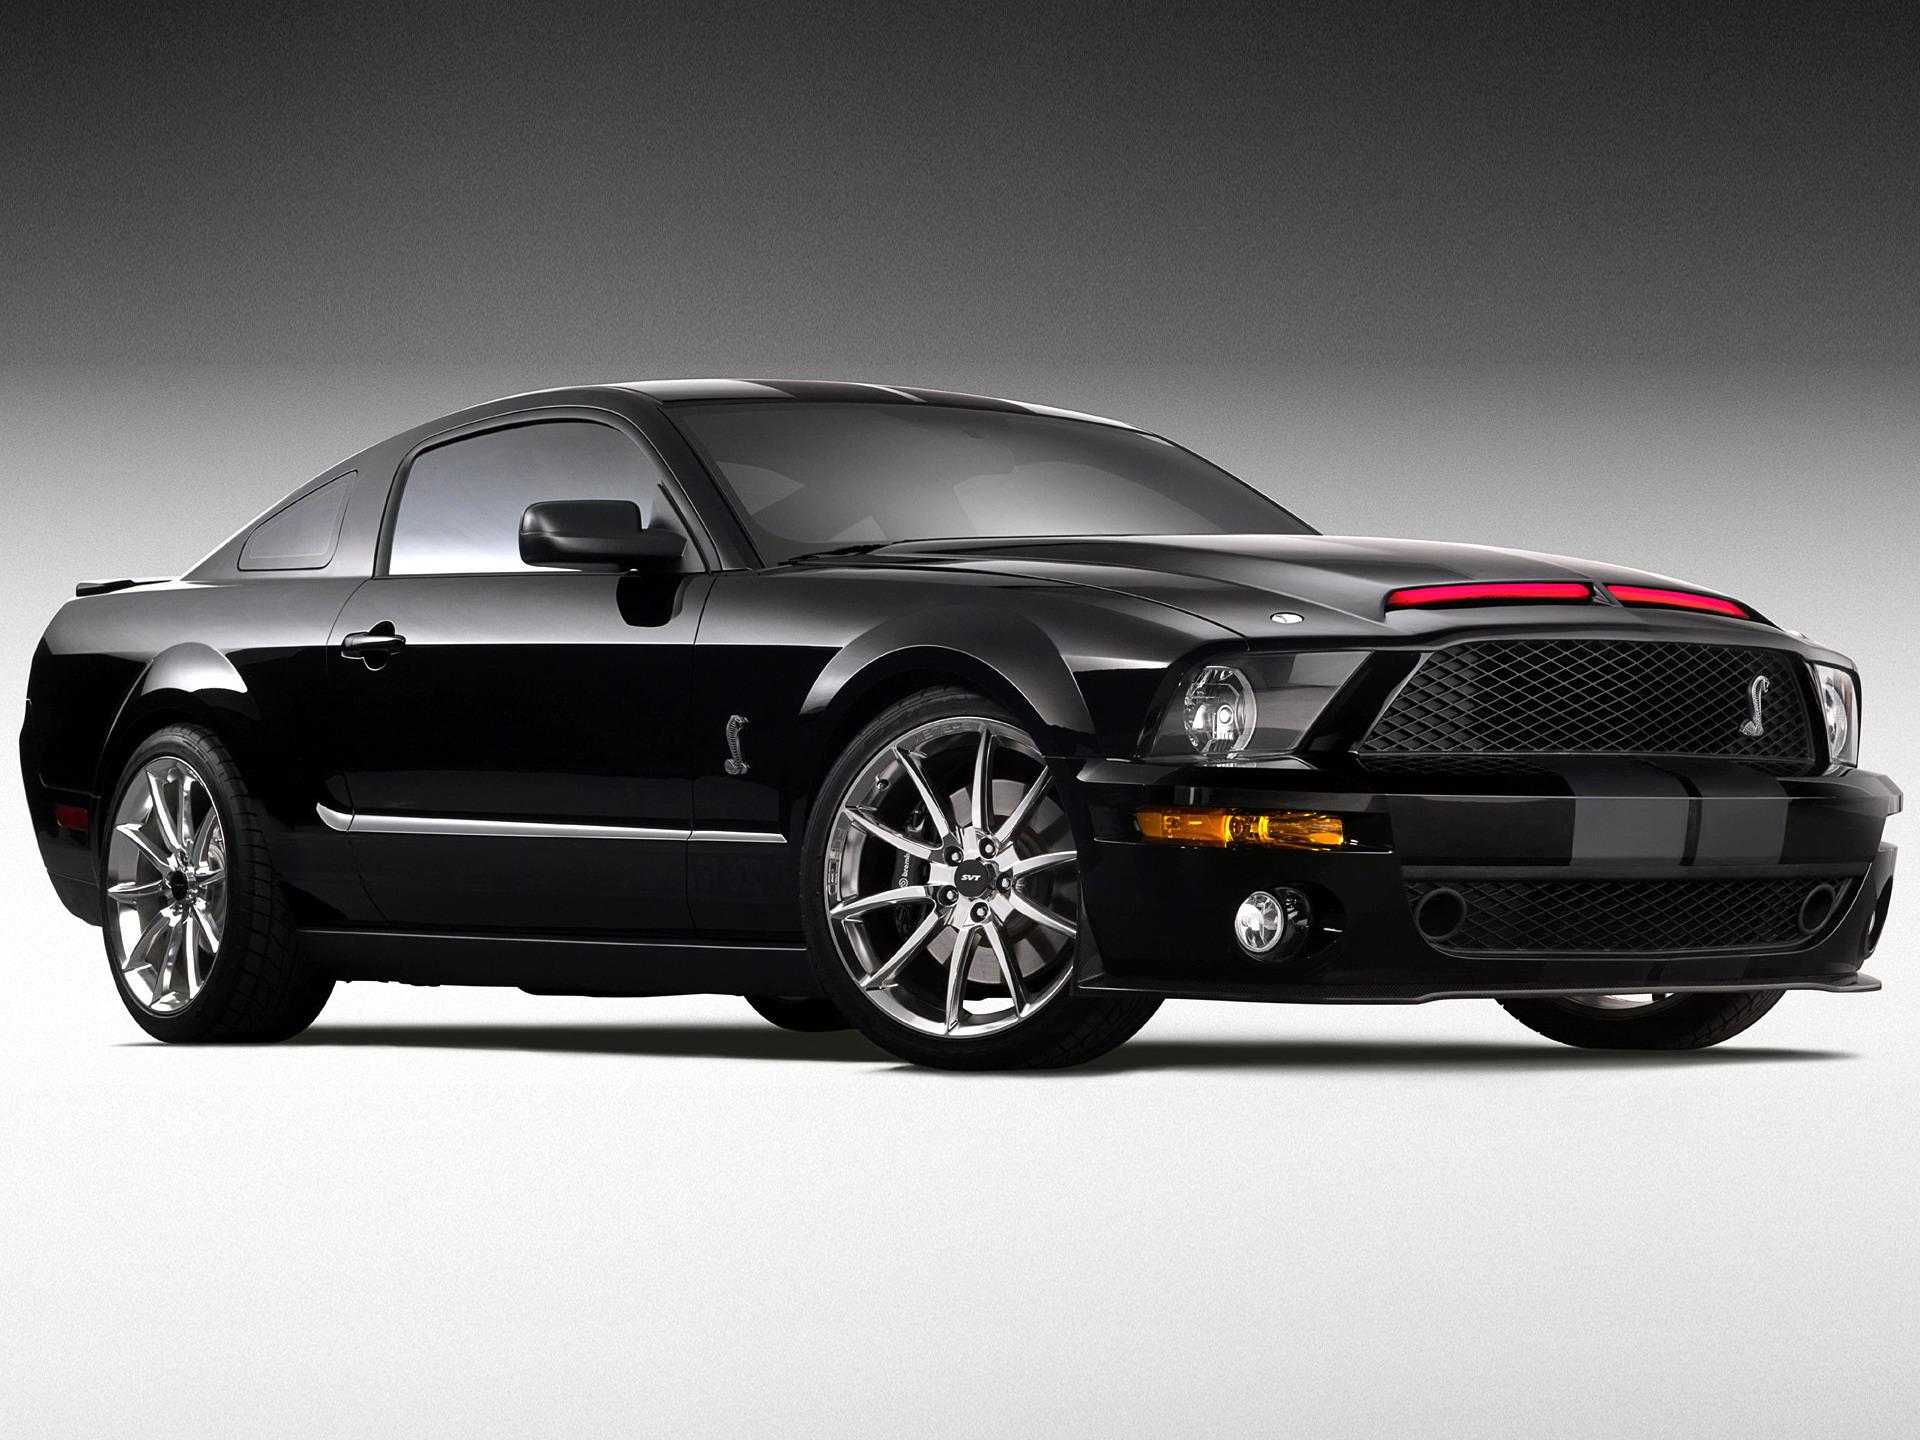 спортивный автомобиль Mustang Shelby GT500  № 2422126 загрузить